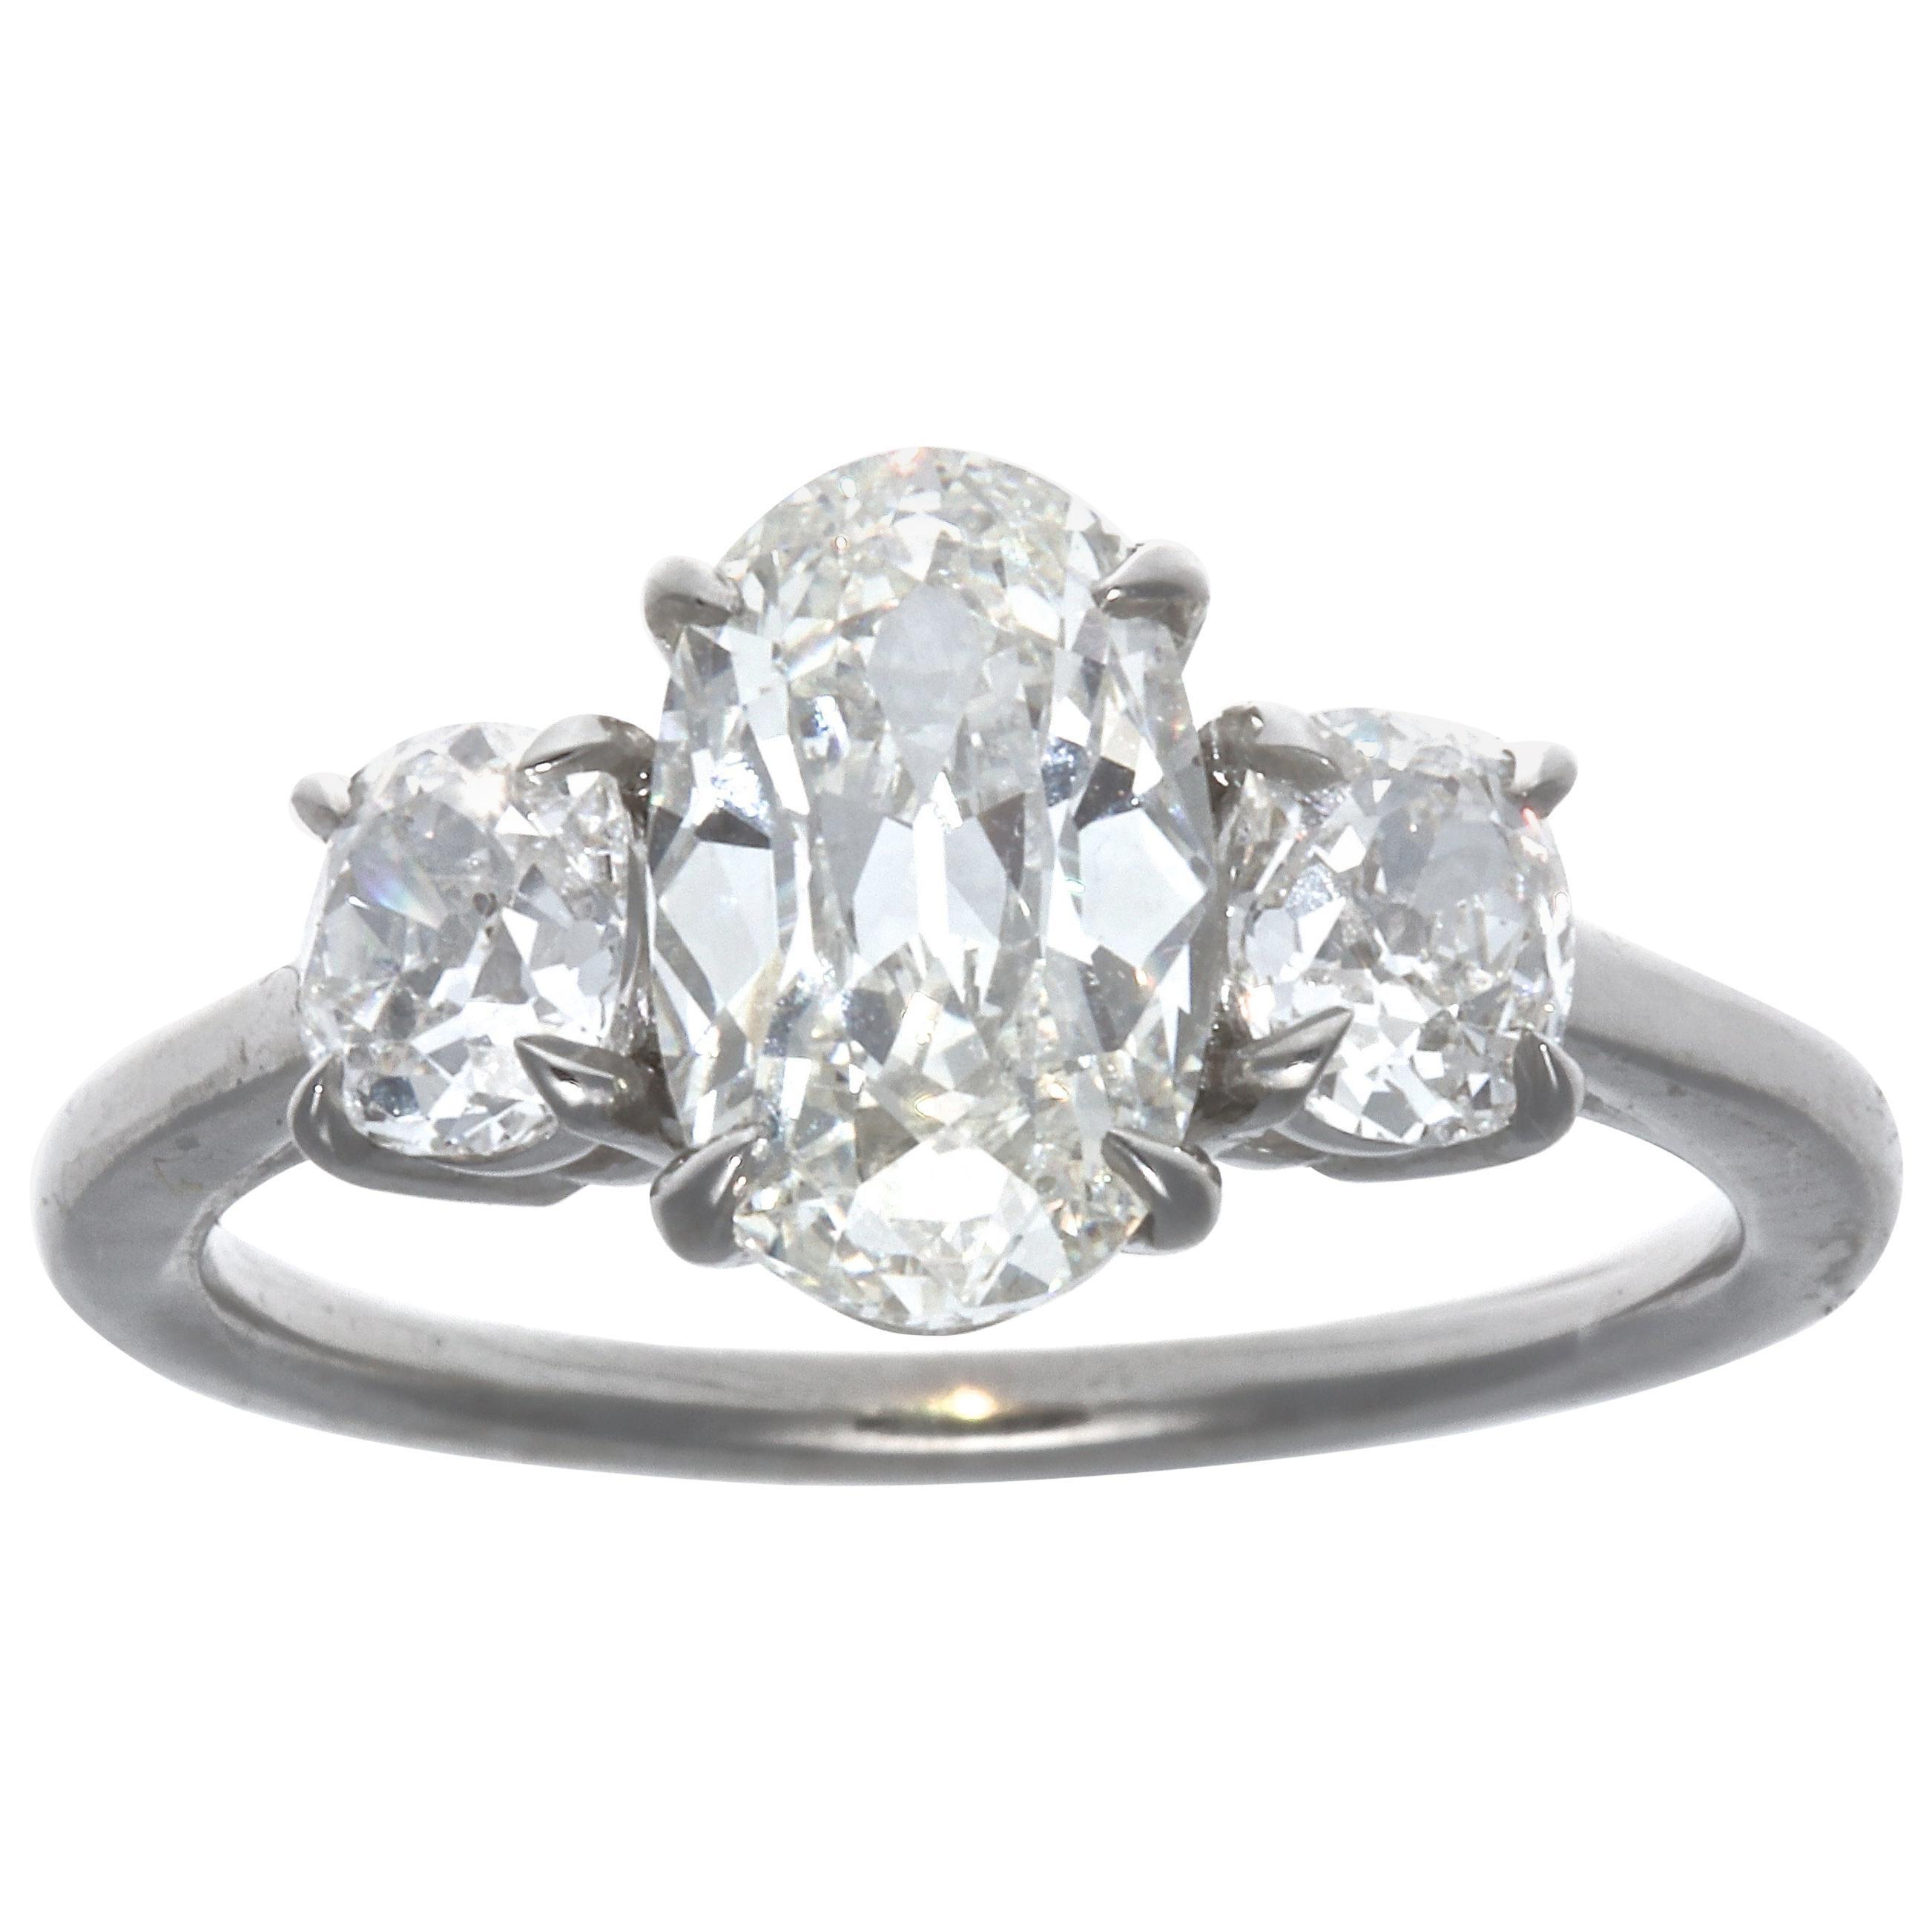 1.64 Carat Oval Brilliant Cut Diamond Platinum Ring